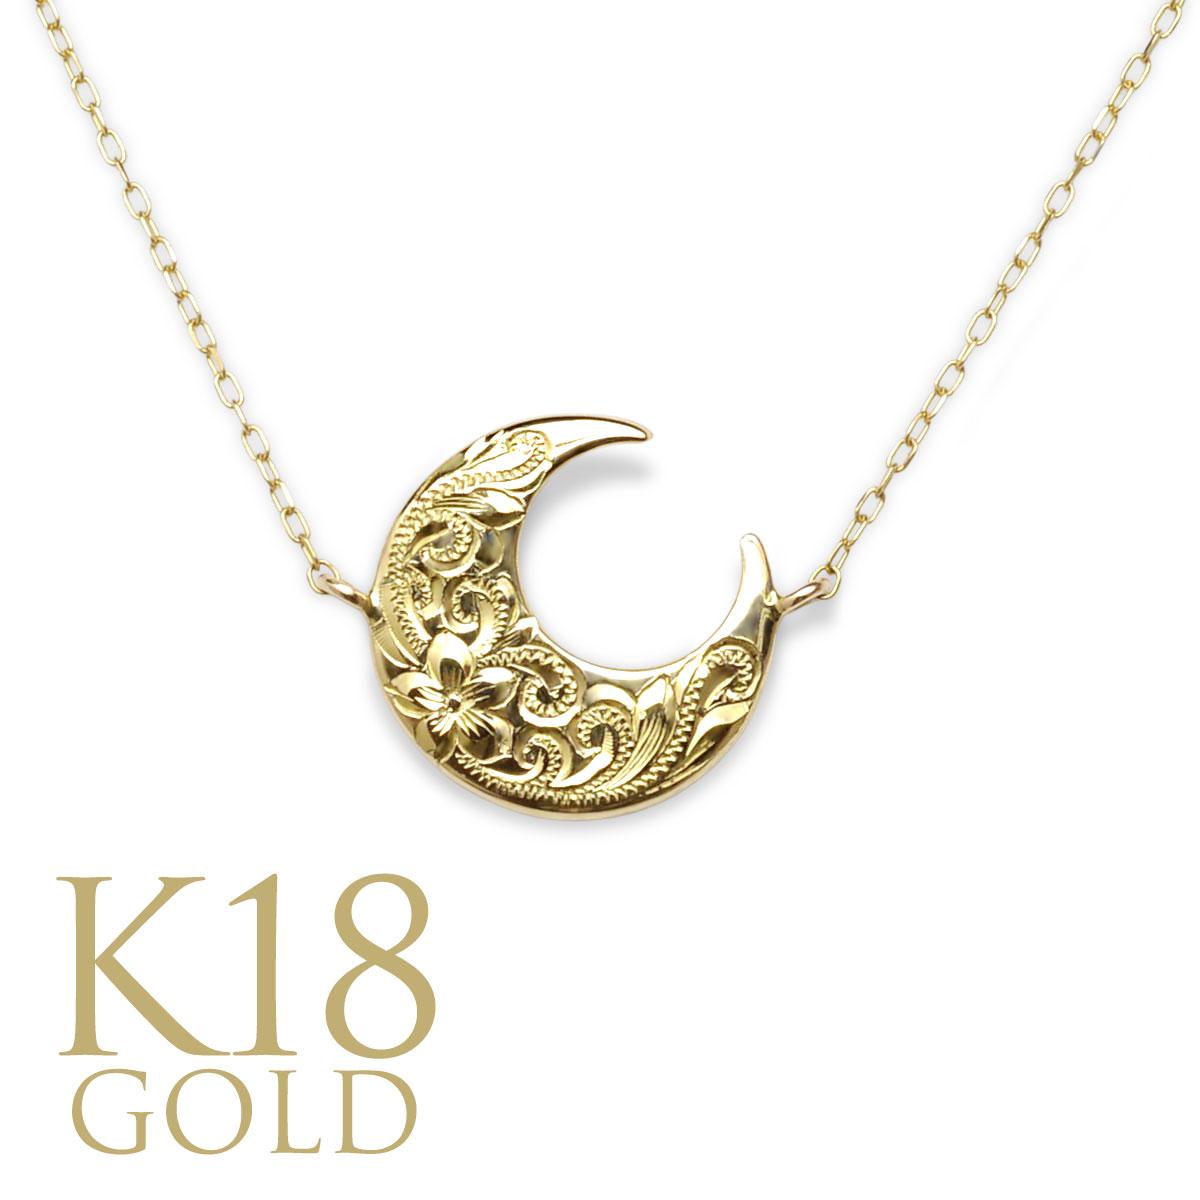 ハワイアンジュエリー K18 ゴールド ネックレス 18金 ゴールド (Weliana) K18 YG マリエムーンペンダント ネックレス /新作 wne1642